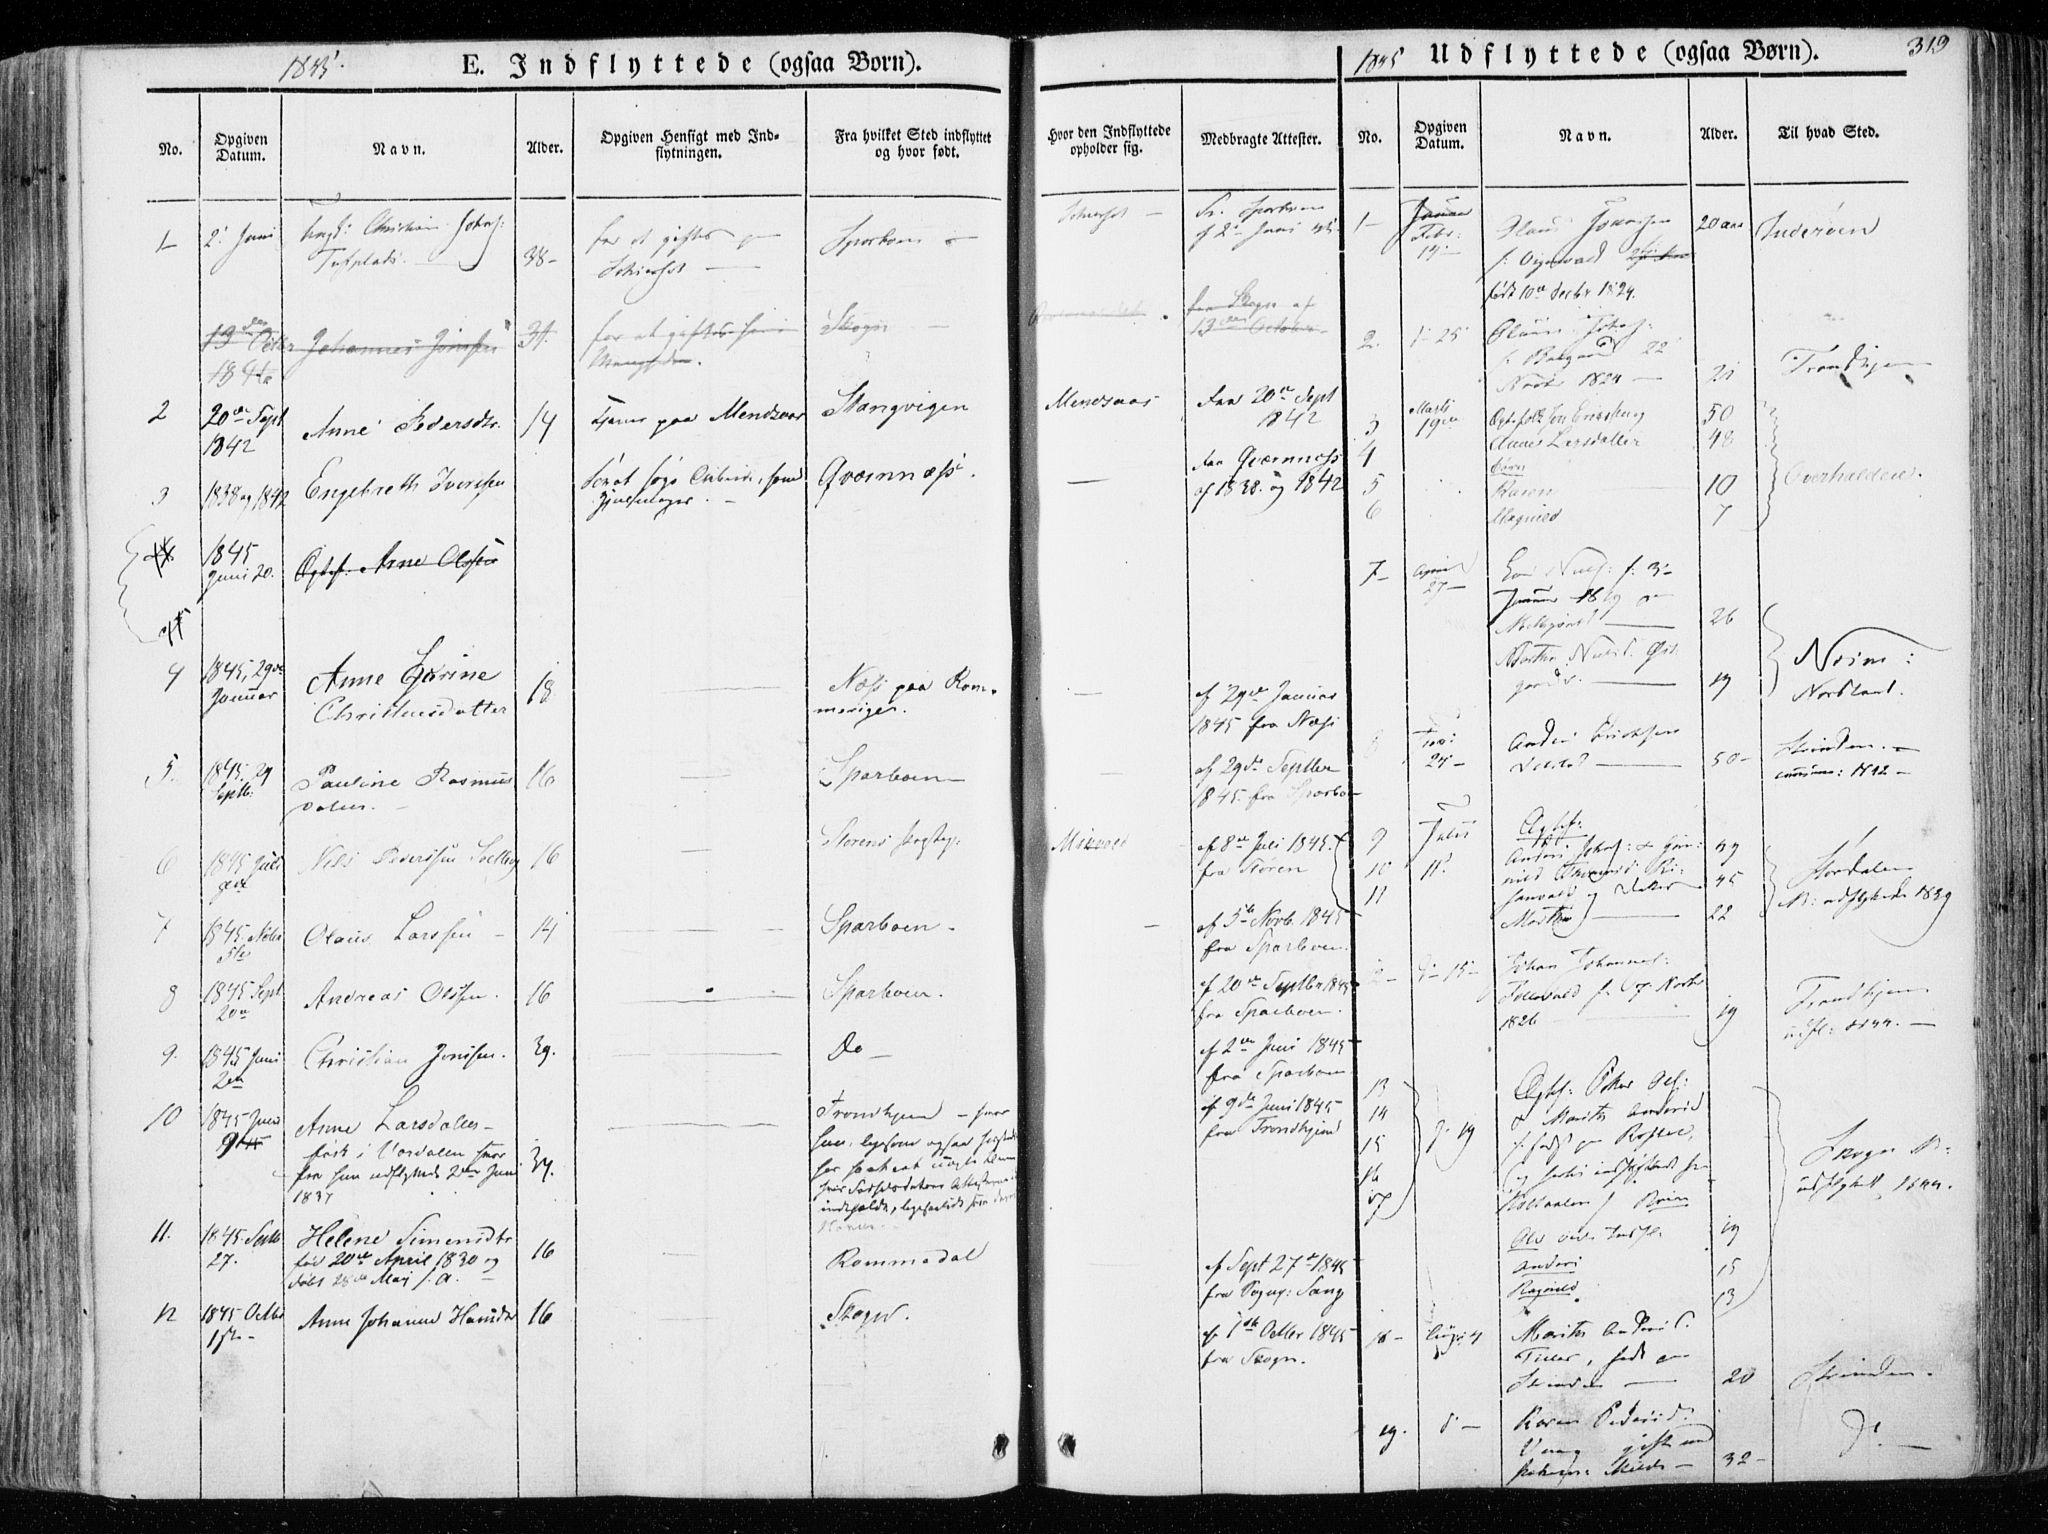 SAT, Ministerialprotokoller, klokkerbøker og fødselsregistre - Nord-Trøndelag, 723/L0239: Ministerialbok nr. 723A08, 1841-1851, s. 319